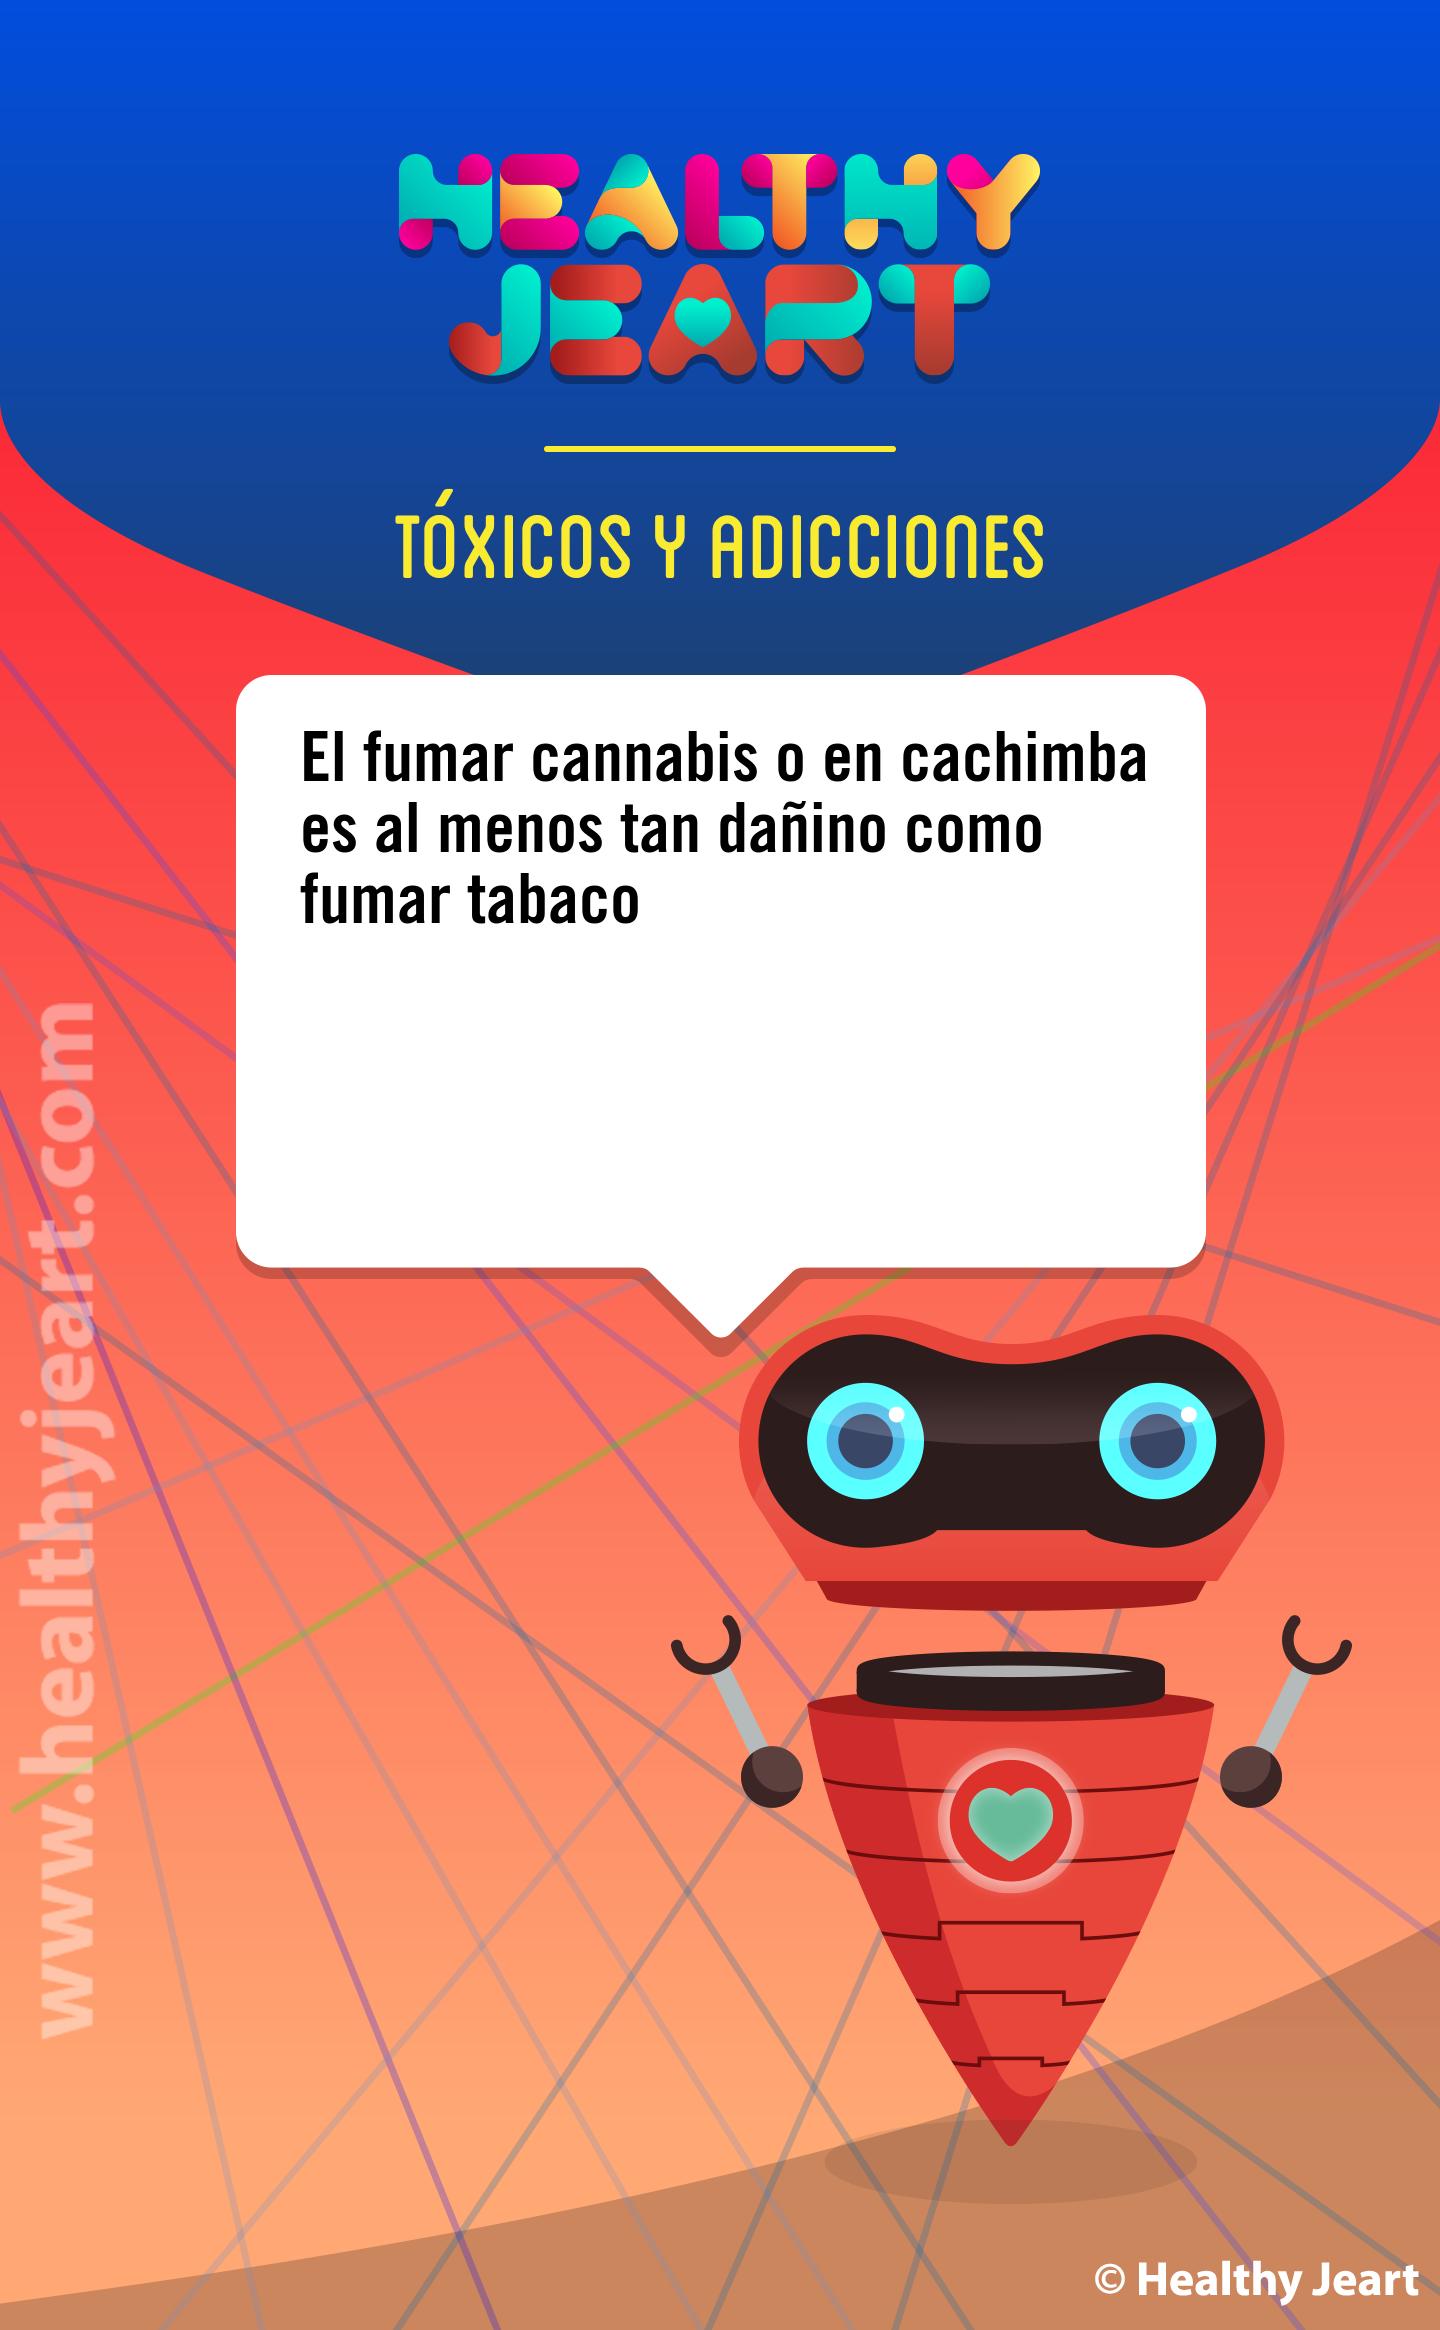 El fumar cannabis o en cachimba es al menos tan dañino como fumar tabaco